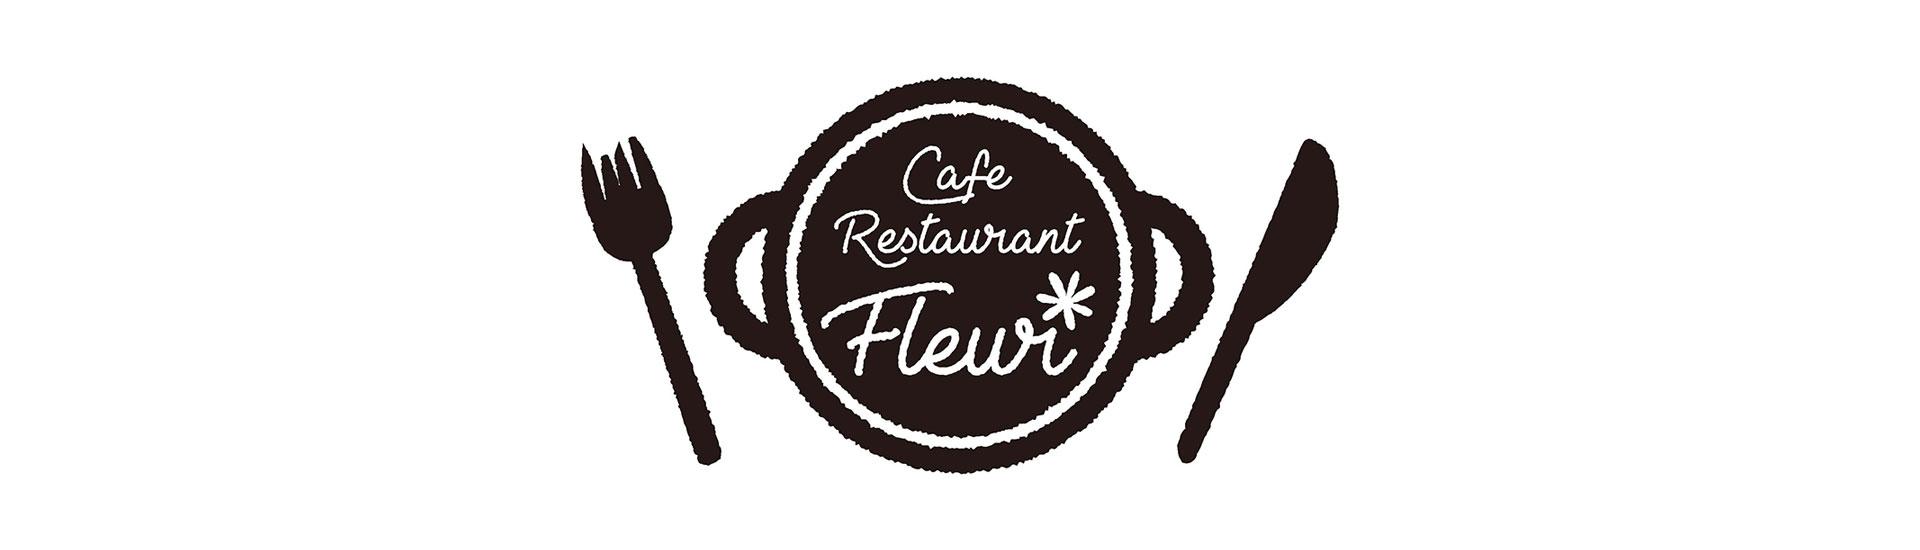 カフェ フルール ロゴ